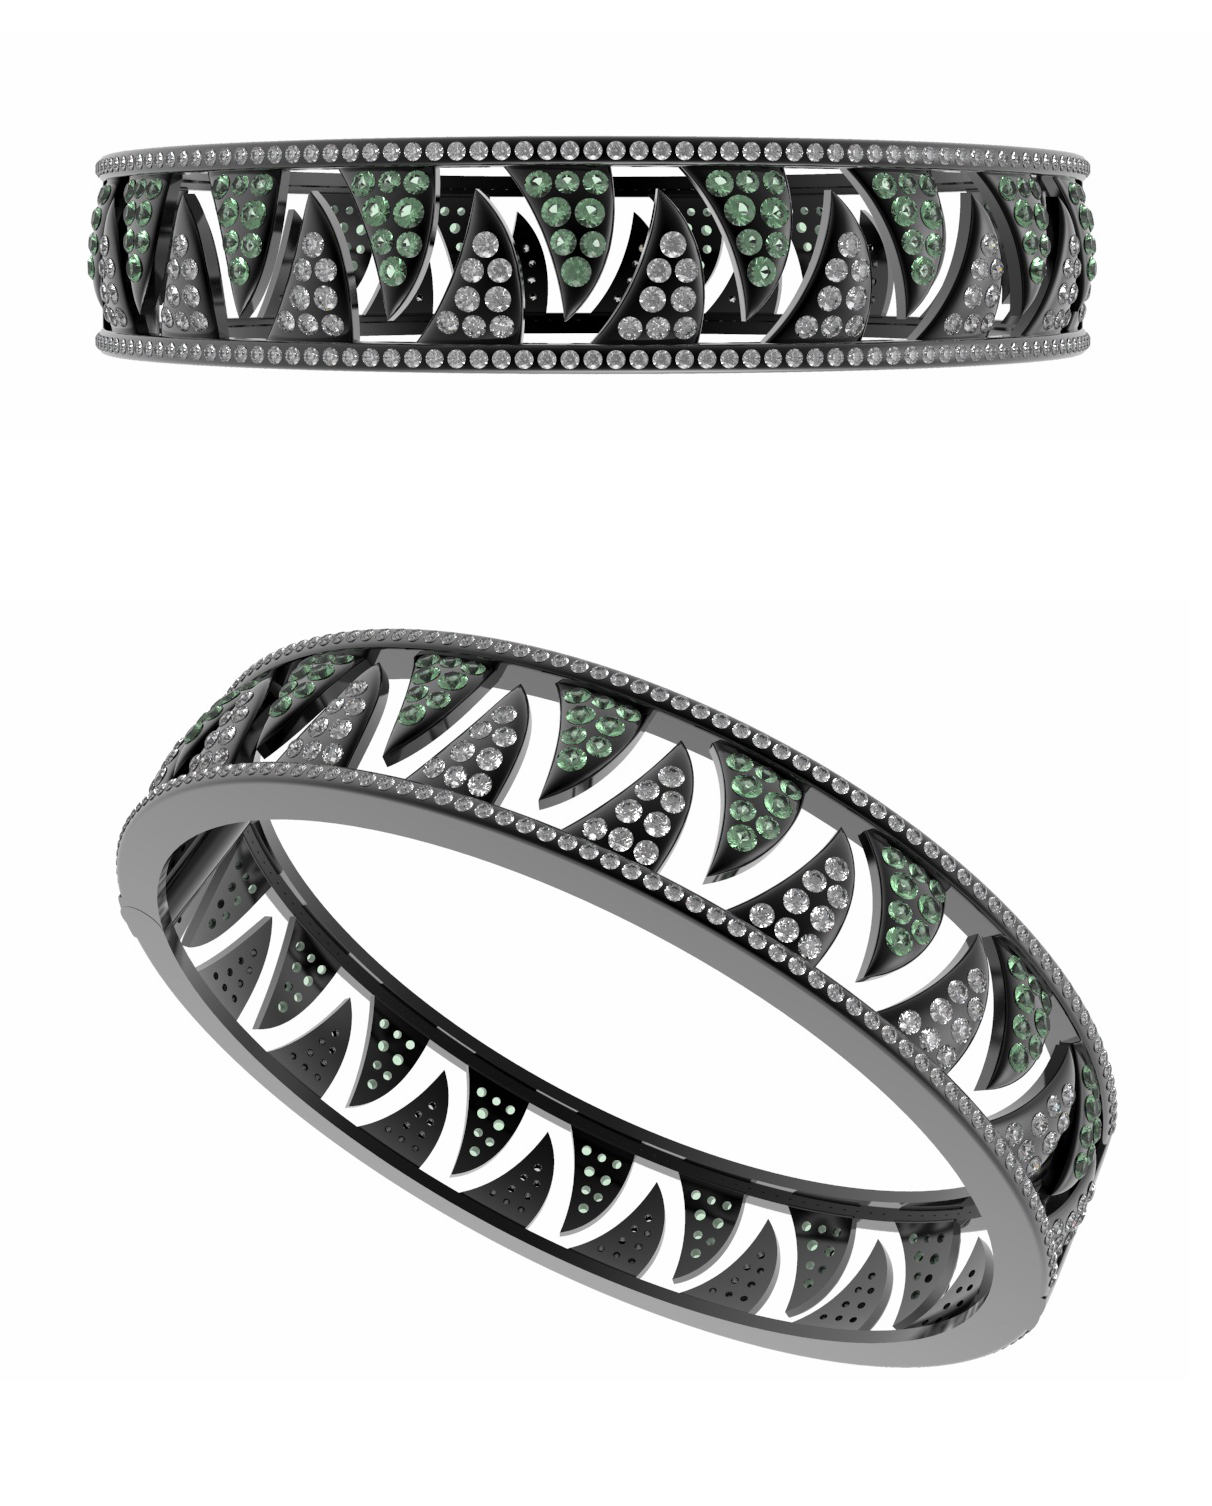 Meghna jewels fine jewelry designer